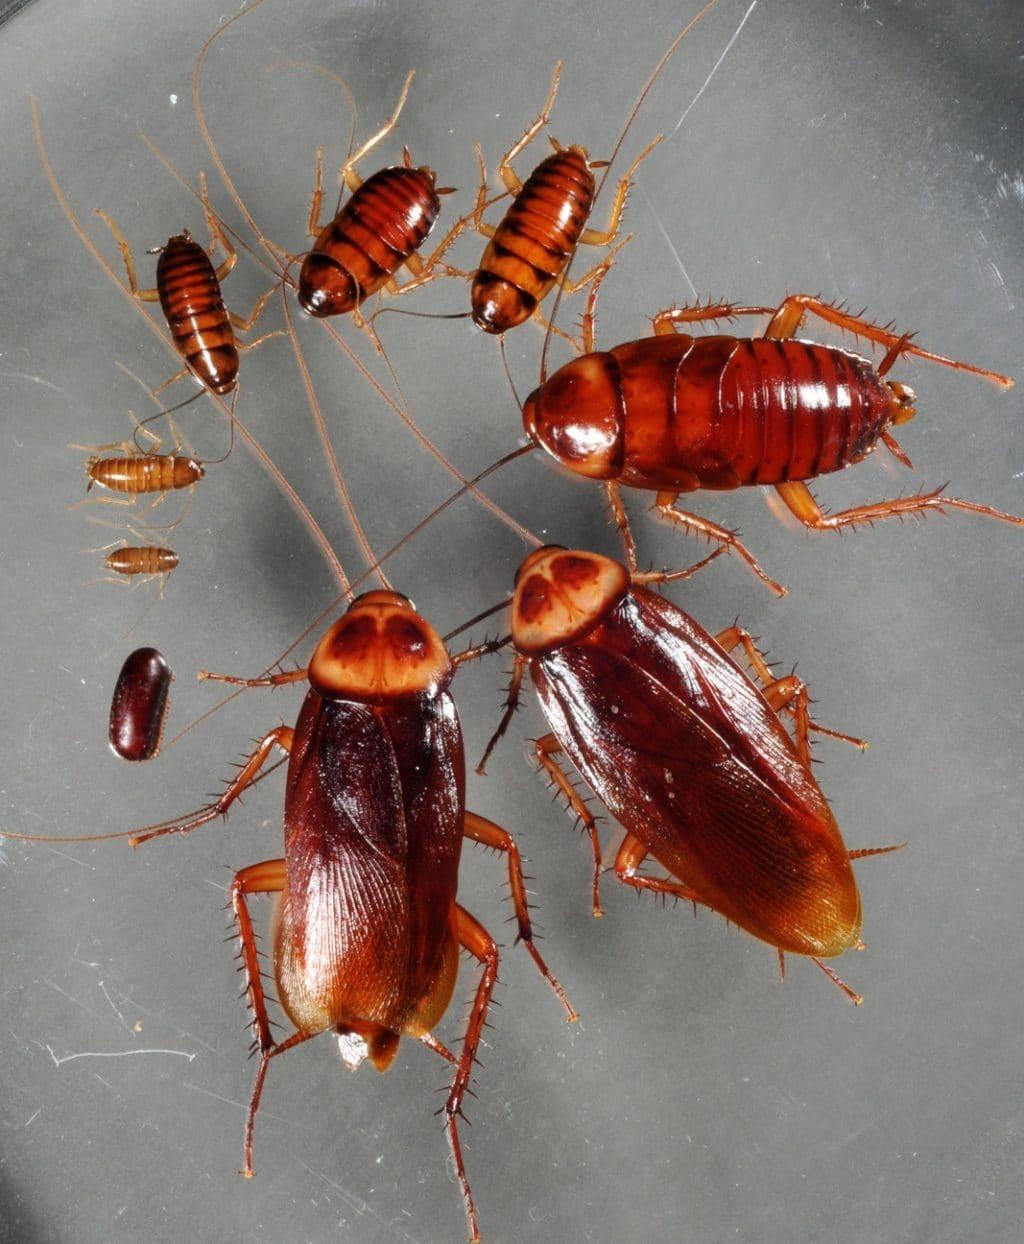 cucarachas voladoras